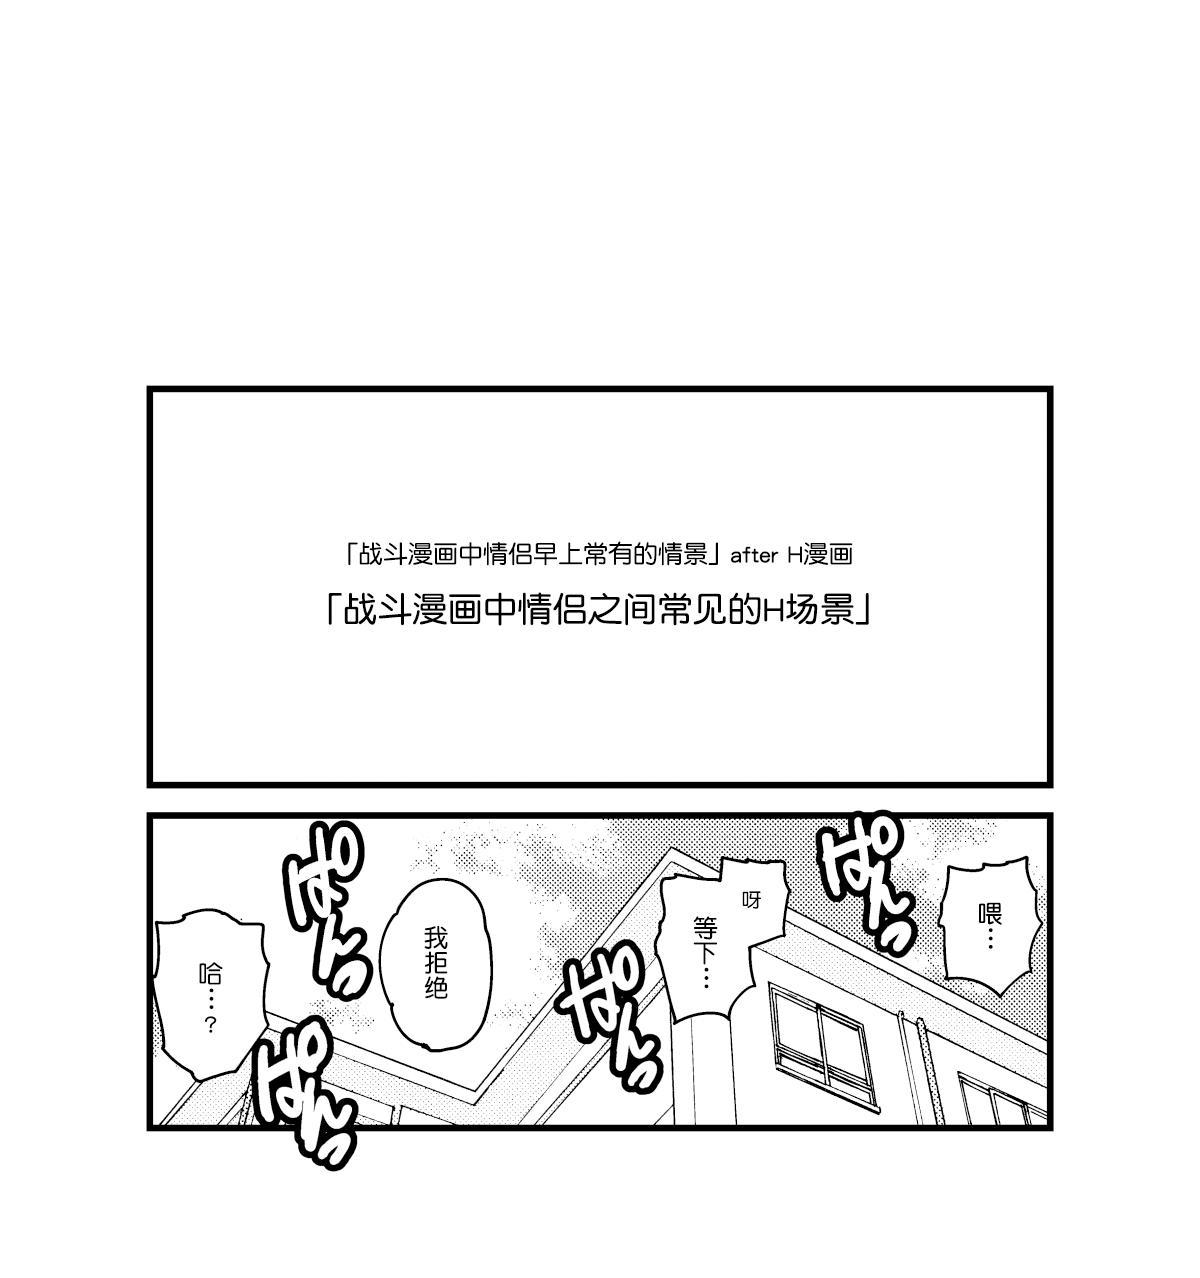 战斗漫画情侣常有的清晨情景 6